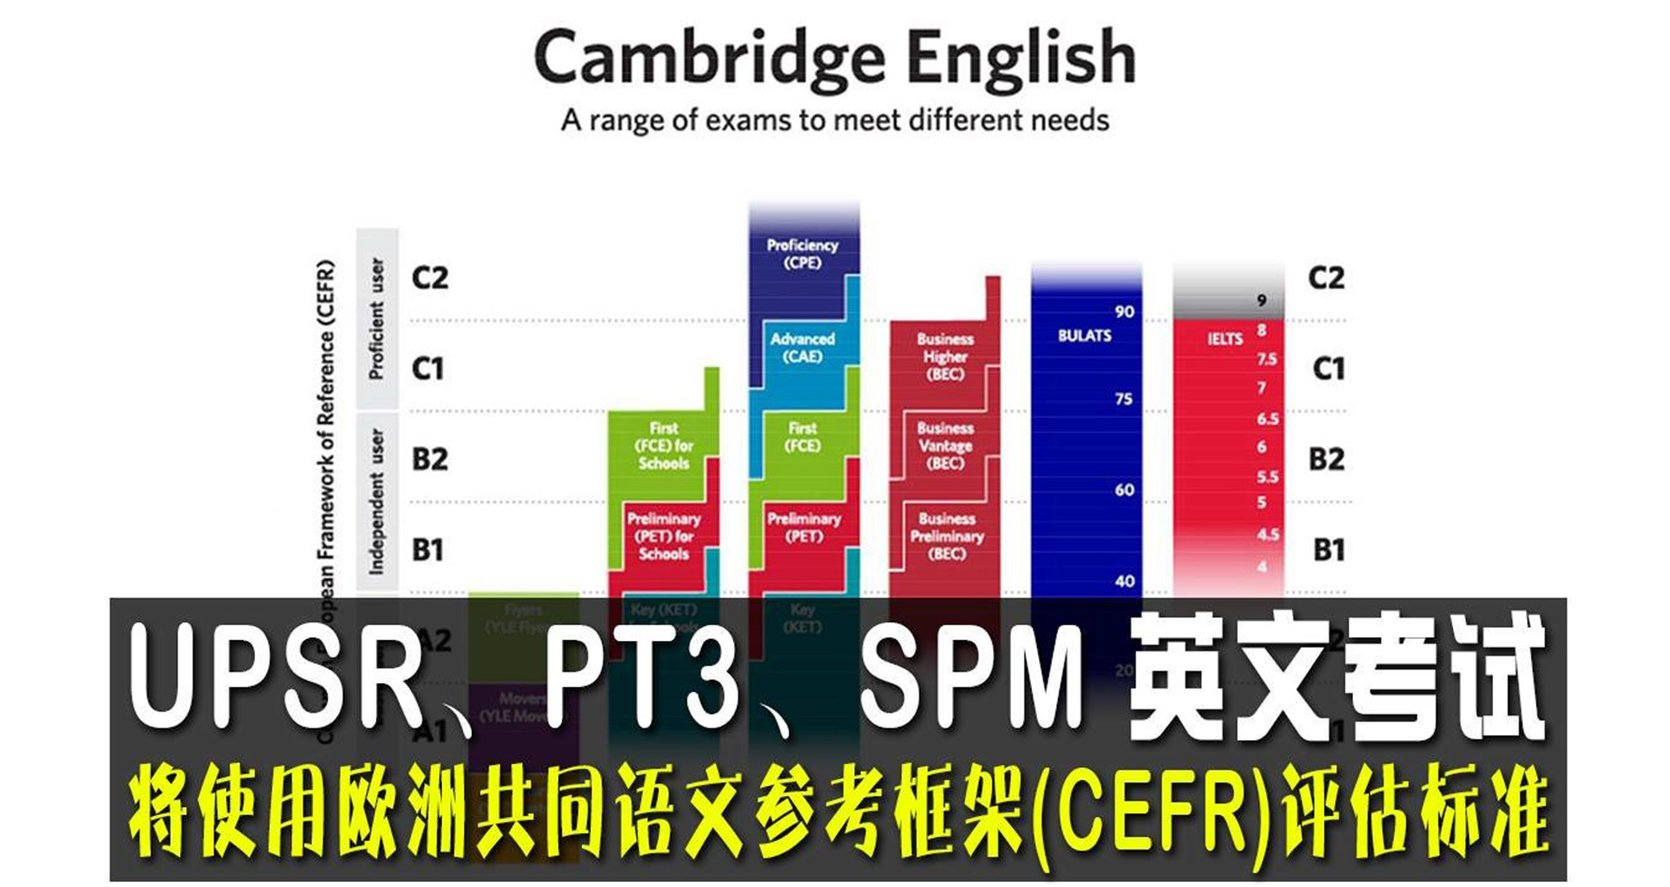 """您是否知道政府为了全面提升马来西亚学生的英语水平,在2015至2025年马来西亚英语教育路线图""""的框架下,联手'剑桥英语'采用欧洲共同语文参考框架(CEFR)推动了重大的改革?"""